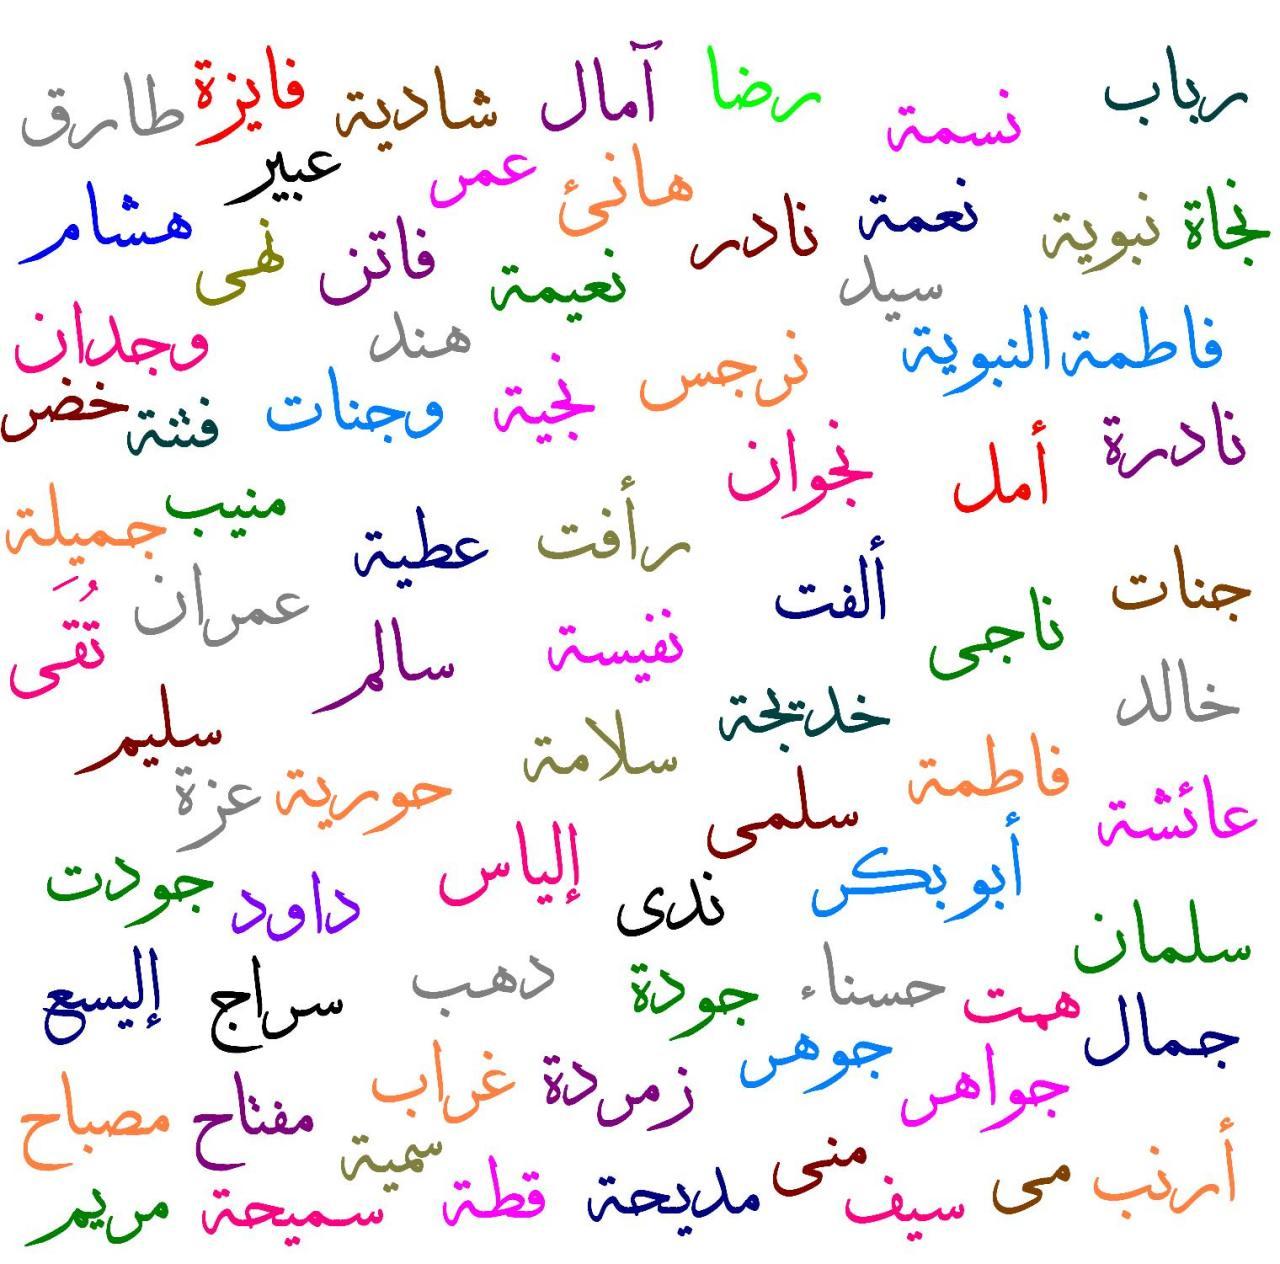 صورة عرفين سميت بنتي ايه, اسماء بنات حلوة 5345 1